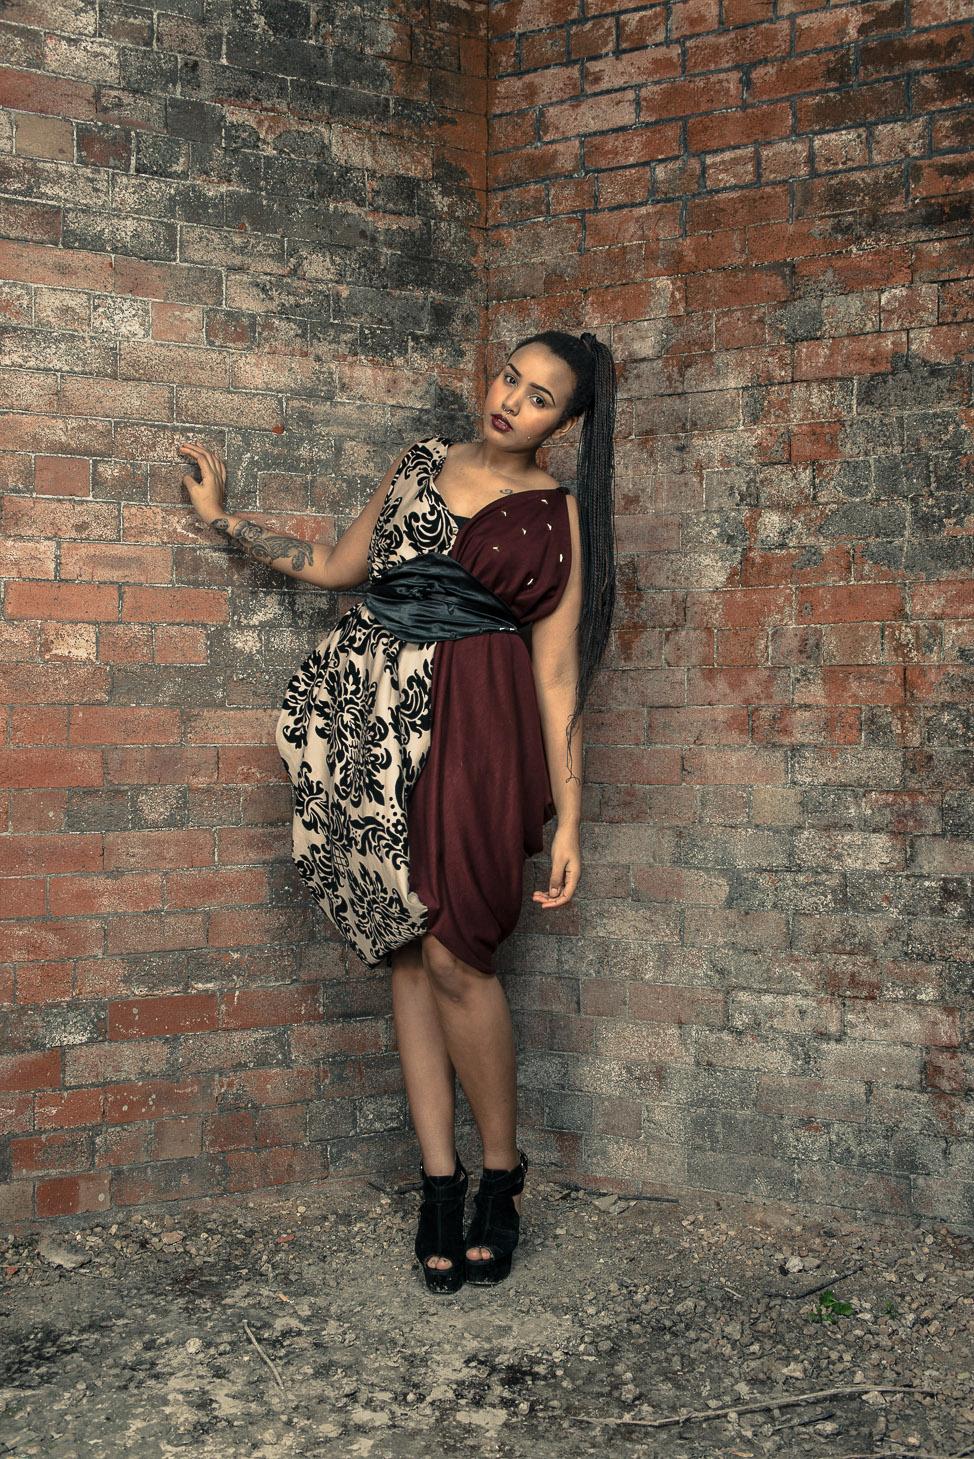 zaramia-ava-zaramiaava-leeds-fashion-designer-ethical-sustainable-tailored-minimalist-burgundy-versatile-drape-dress-damask-studding-belt-wrap-cowl-styling-bodysuit-womenswear-models-photoshoot-8